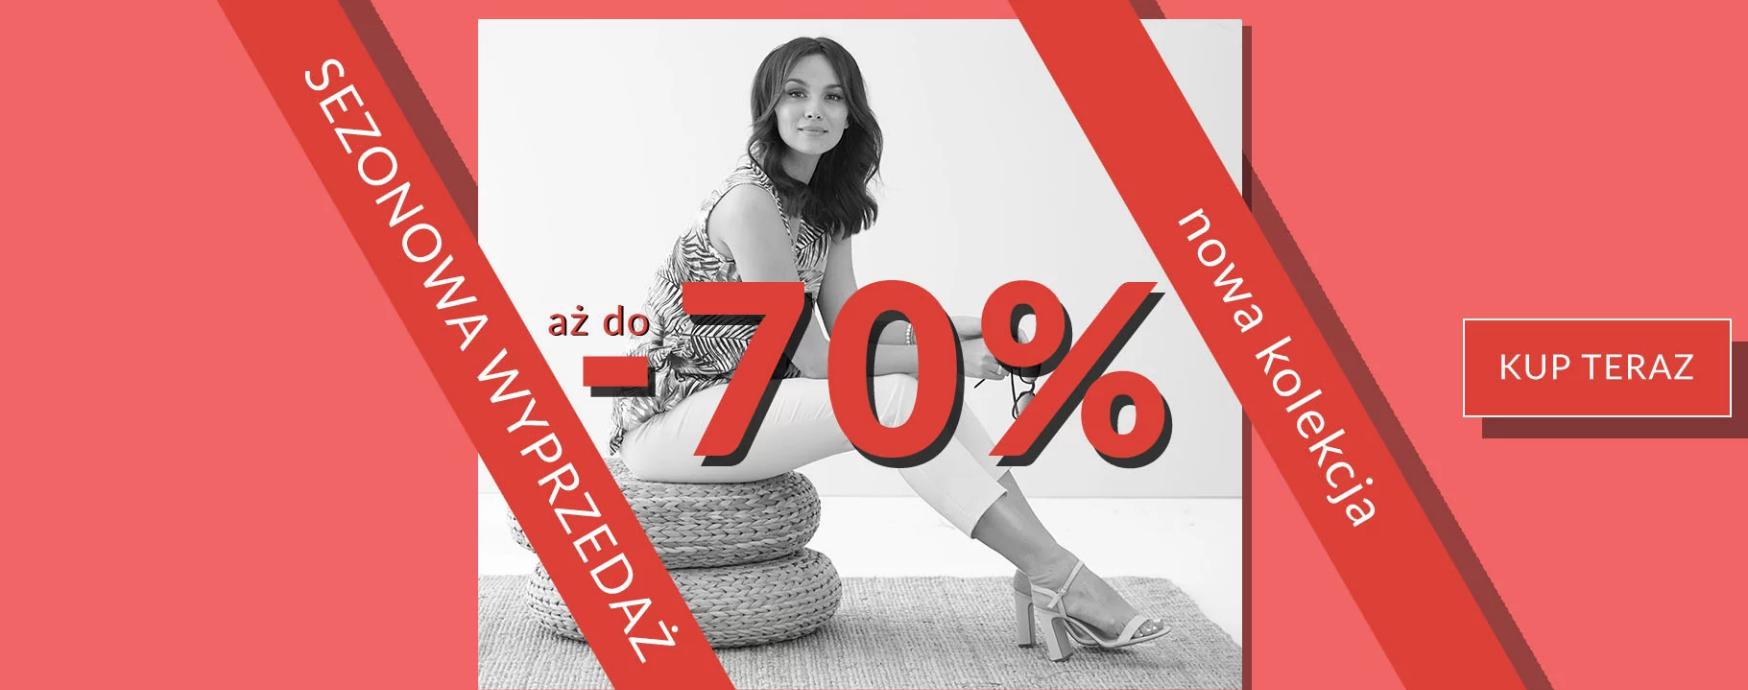 Quiosque: sezonowa wyprzedaż do 70% rabatu na nową kolekcję odzieży damskiej